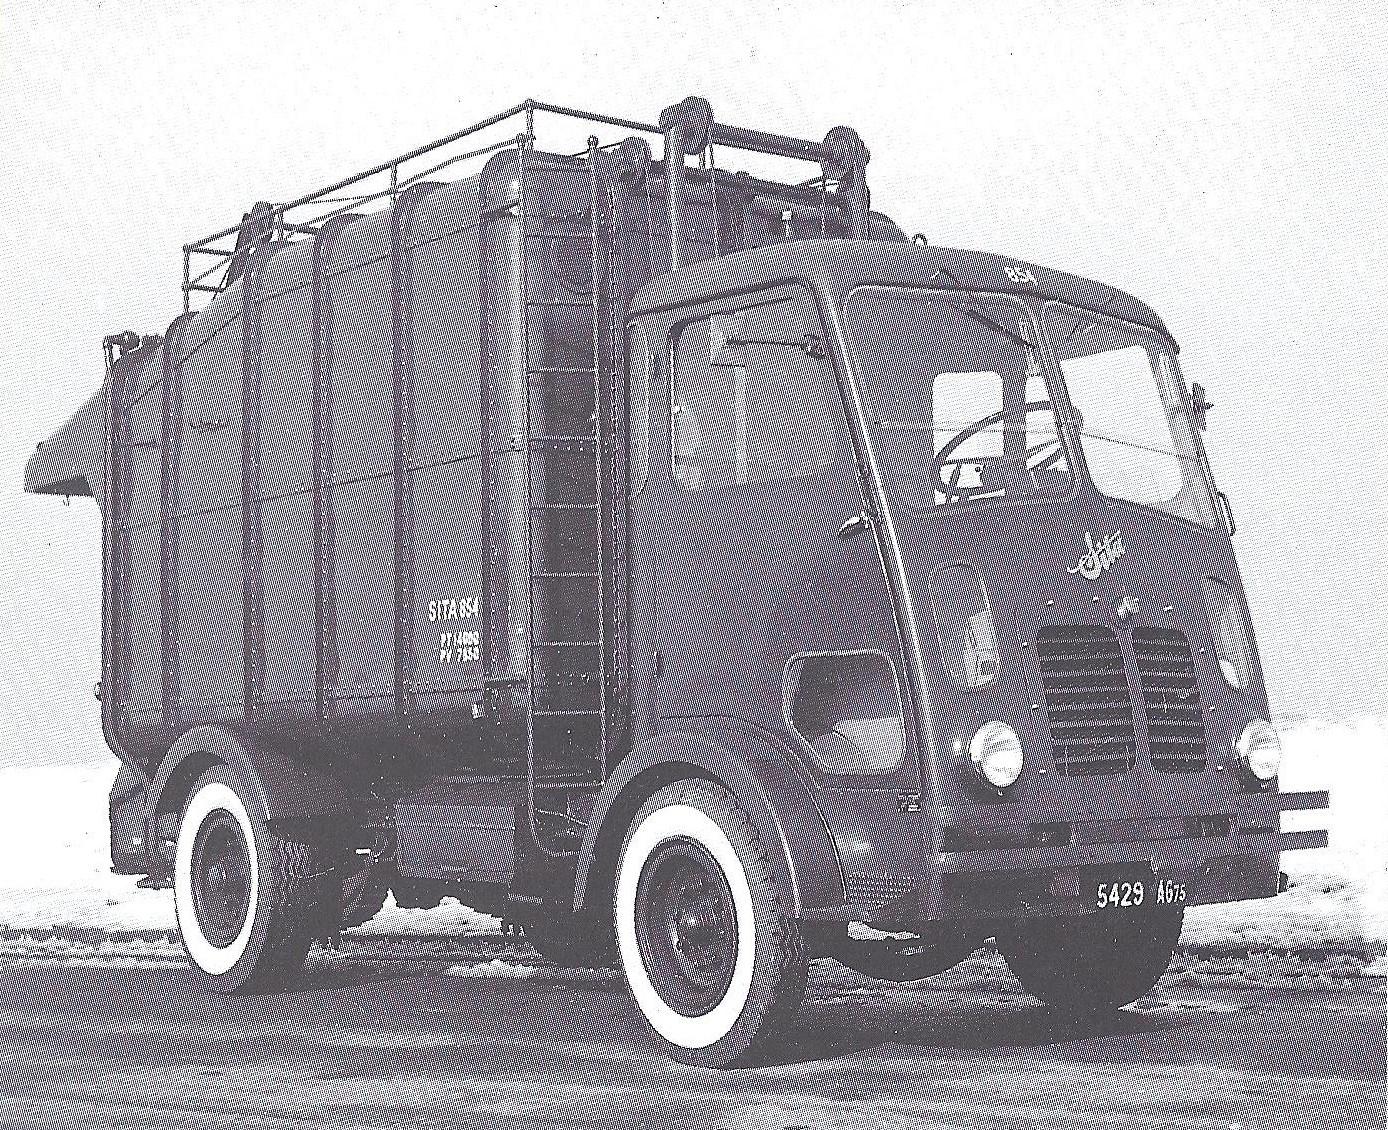 Sita-Schneider--Hercules-vuilniswagen--genoemd-naar-hun-Hispano-Suiza-dieselmotor